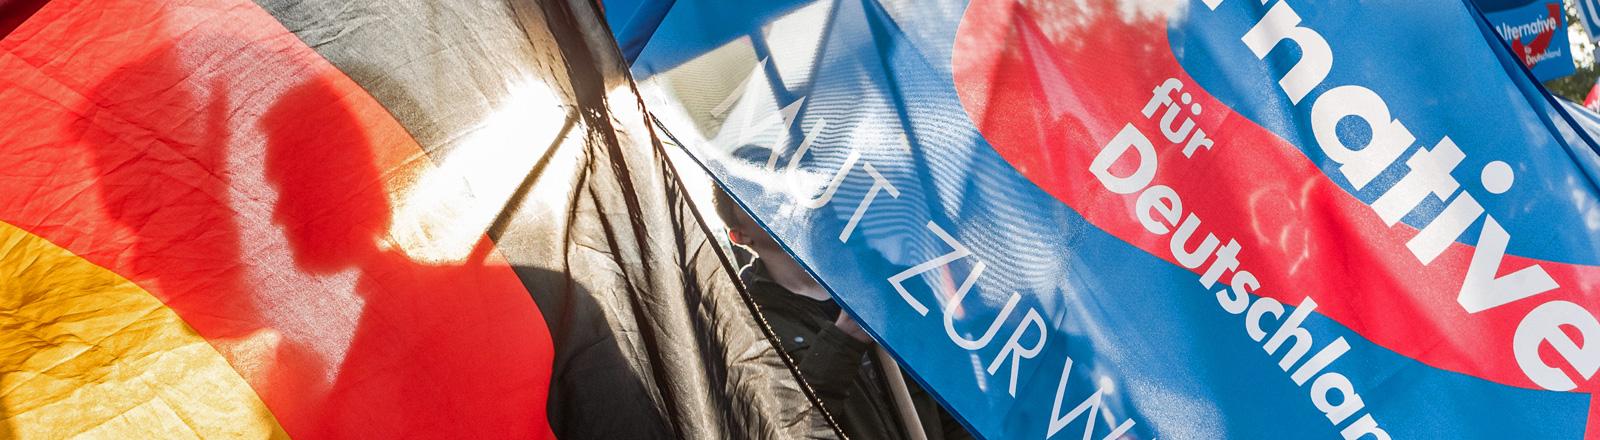 Auf einer Demonstration wird eine Deutschlandfahne neben einer AfD-Fahne hochgehalten; Foto: dpa